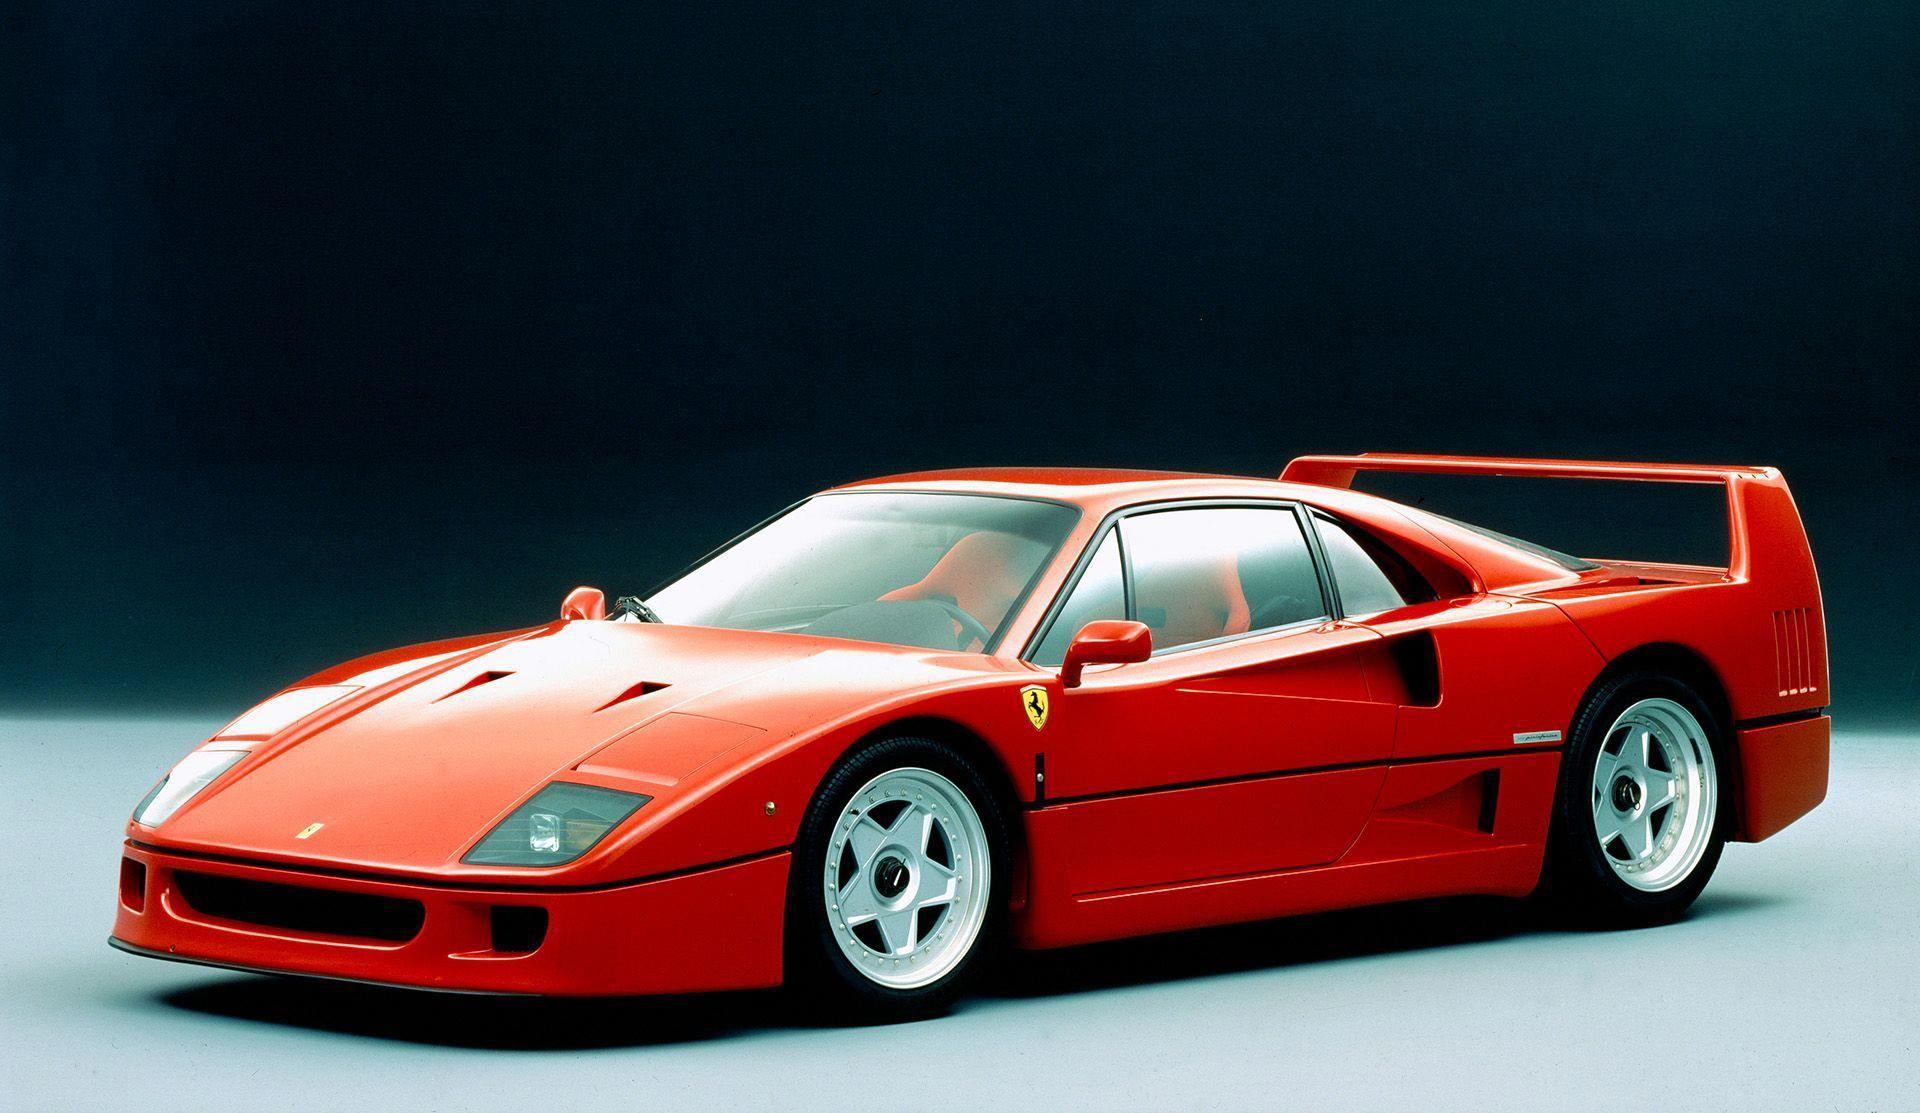 Ferrari F40: A Photo Retrospective - The Drive #lamborghini #ferrarif80 Ferrari F40: A Photo Retrospective - The Drive #lamborghini #ferrarif80